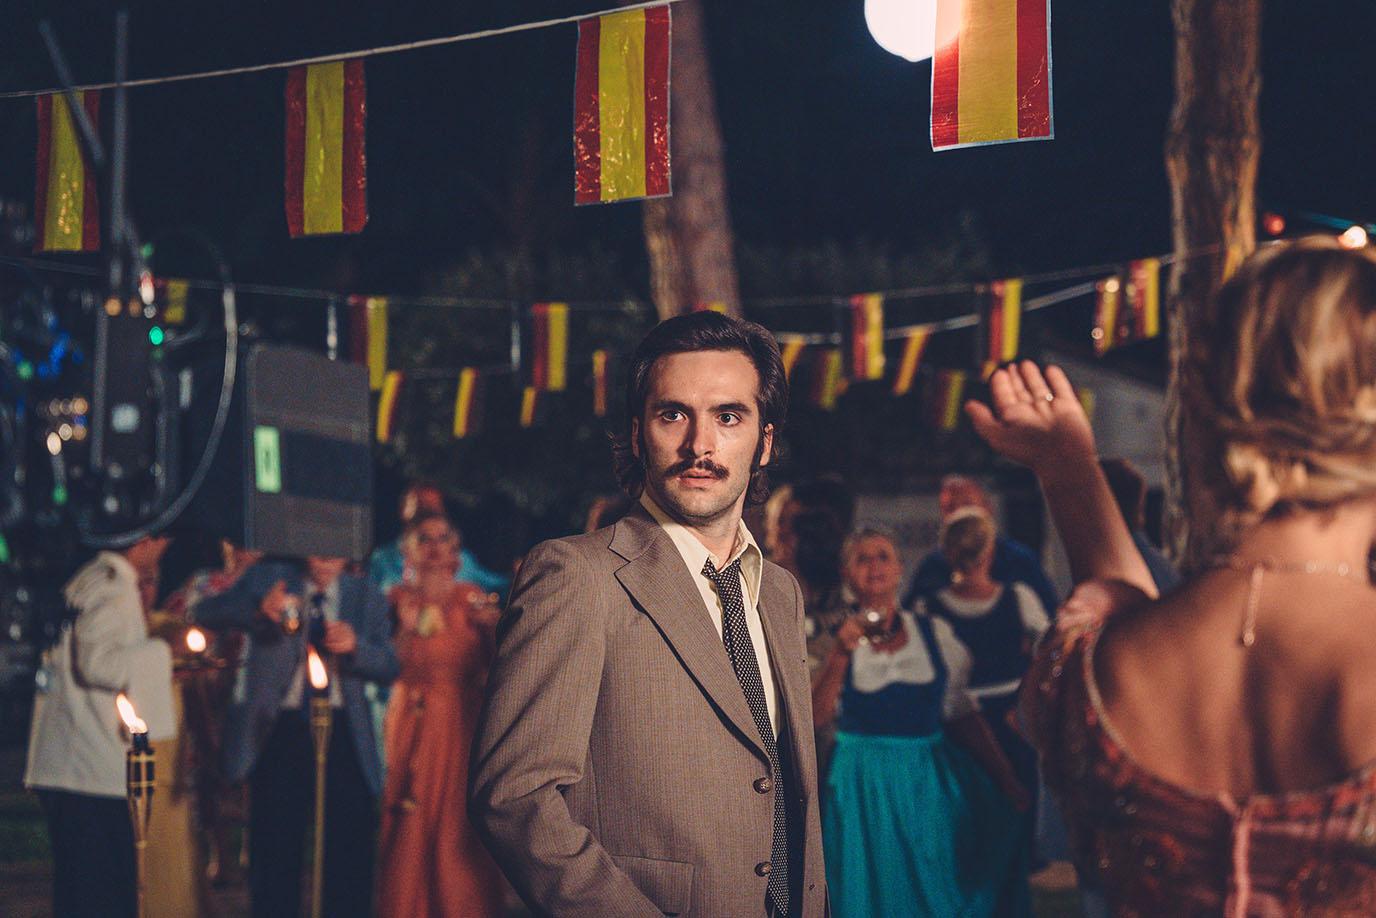 El sustituto de Óscar Aibar, presente en el Festival de Málaga